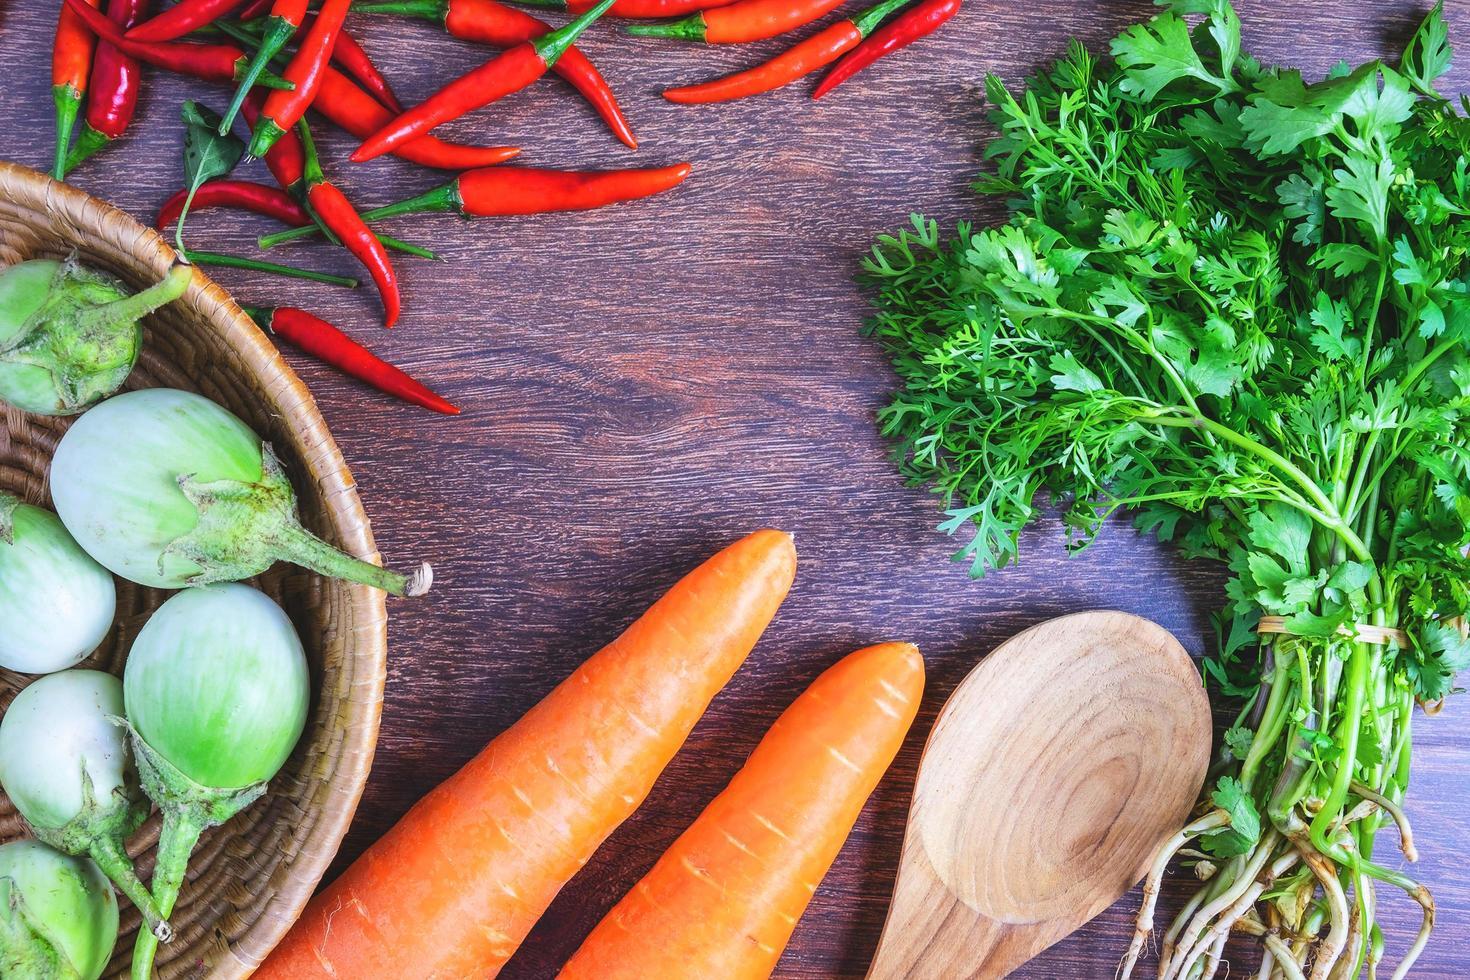 grönsaker och örter foto